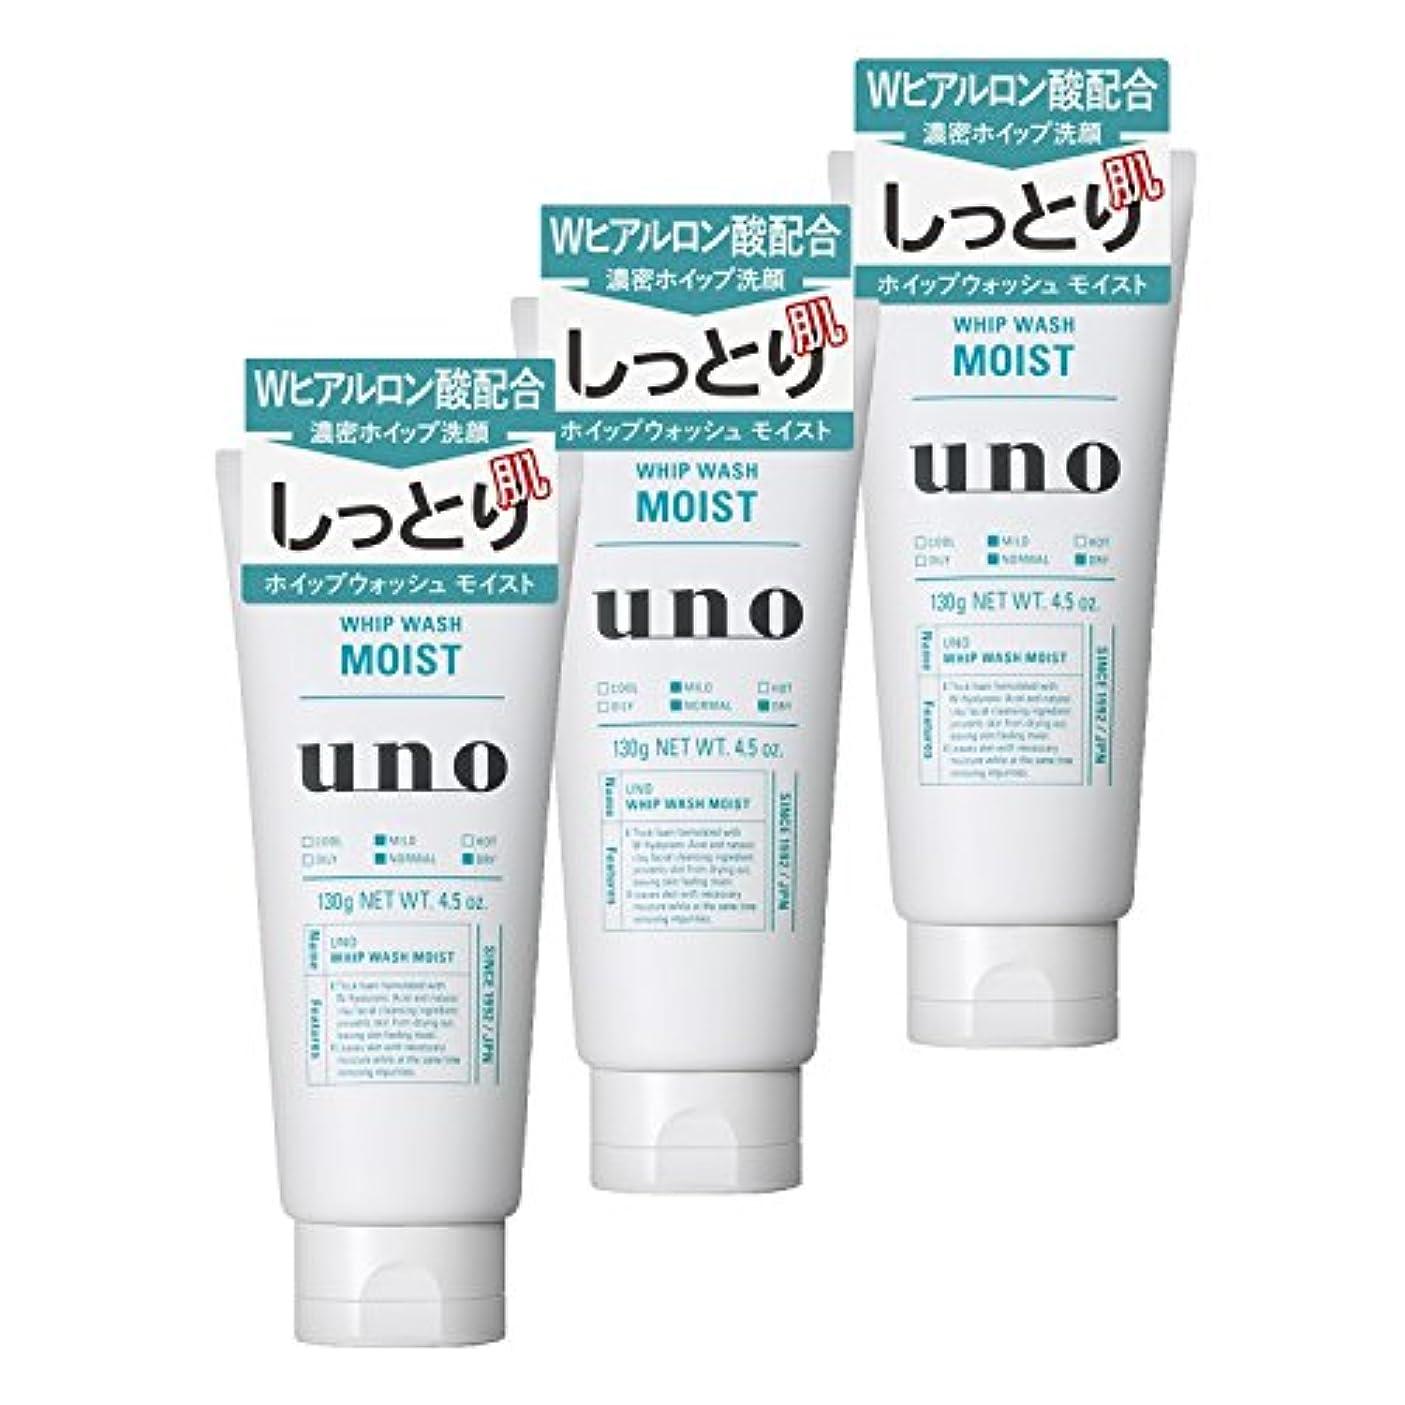 致命的なマウス砂【まとめ買い】 ウーノ (uno) ホイップウォッシュ (モイスト) 洗顔料 130g×3個